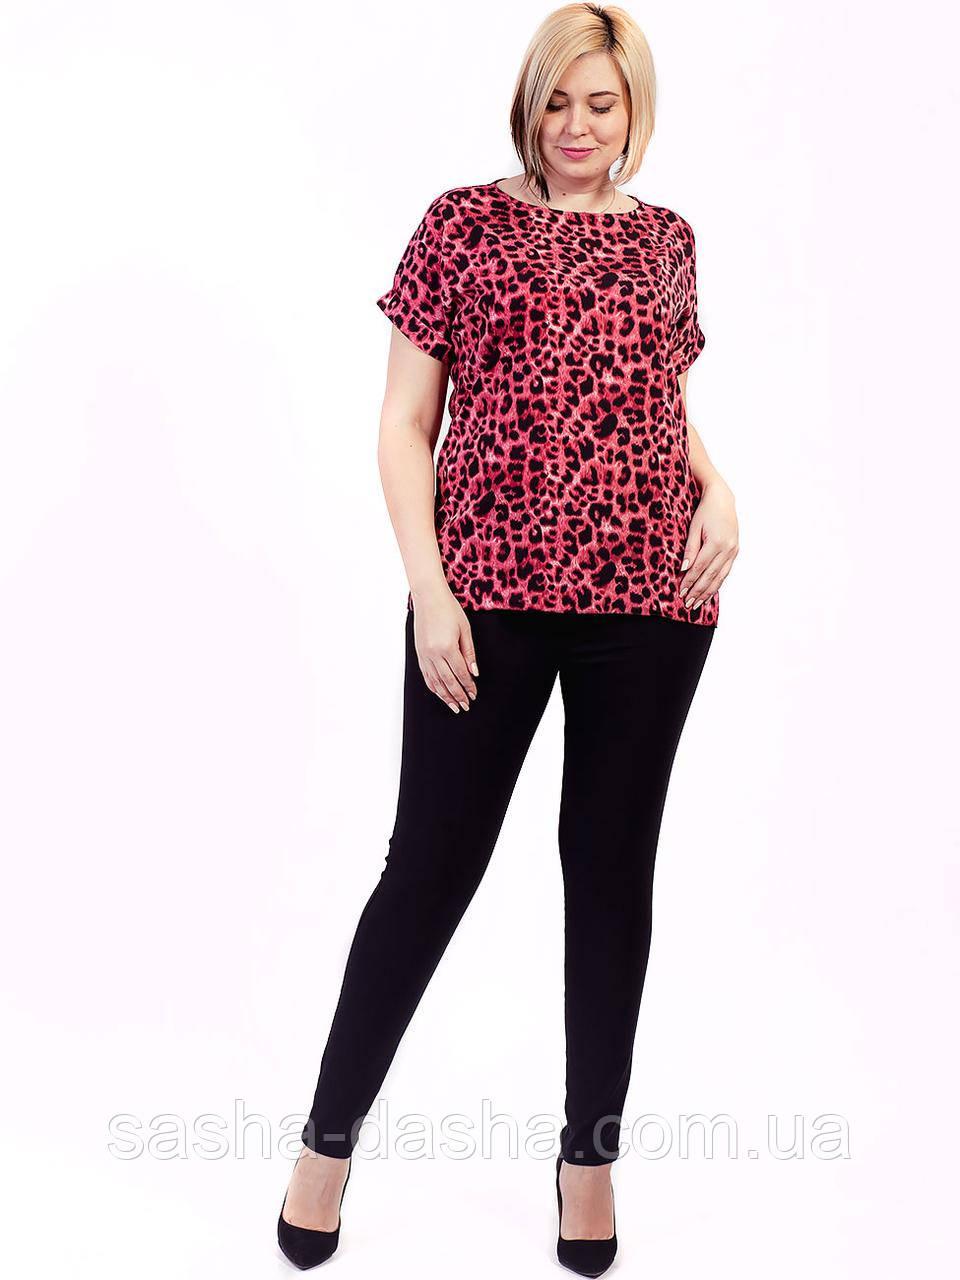 🌺 Эффектная леопардовая блуза в больших размерах